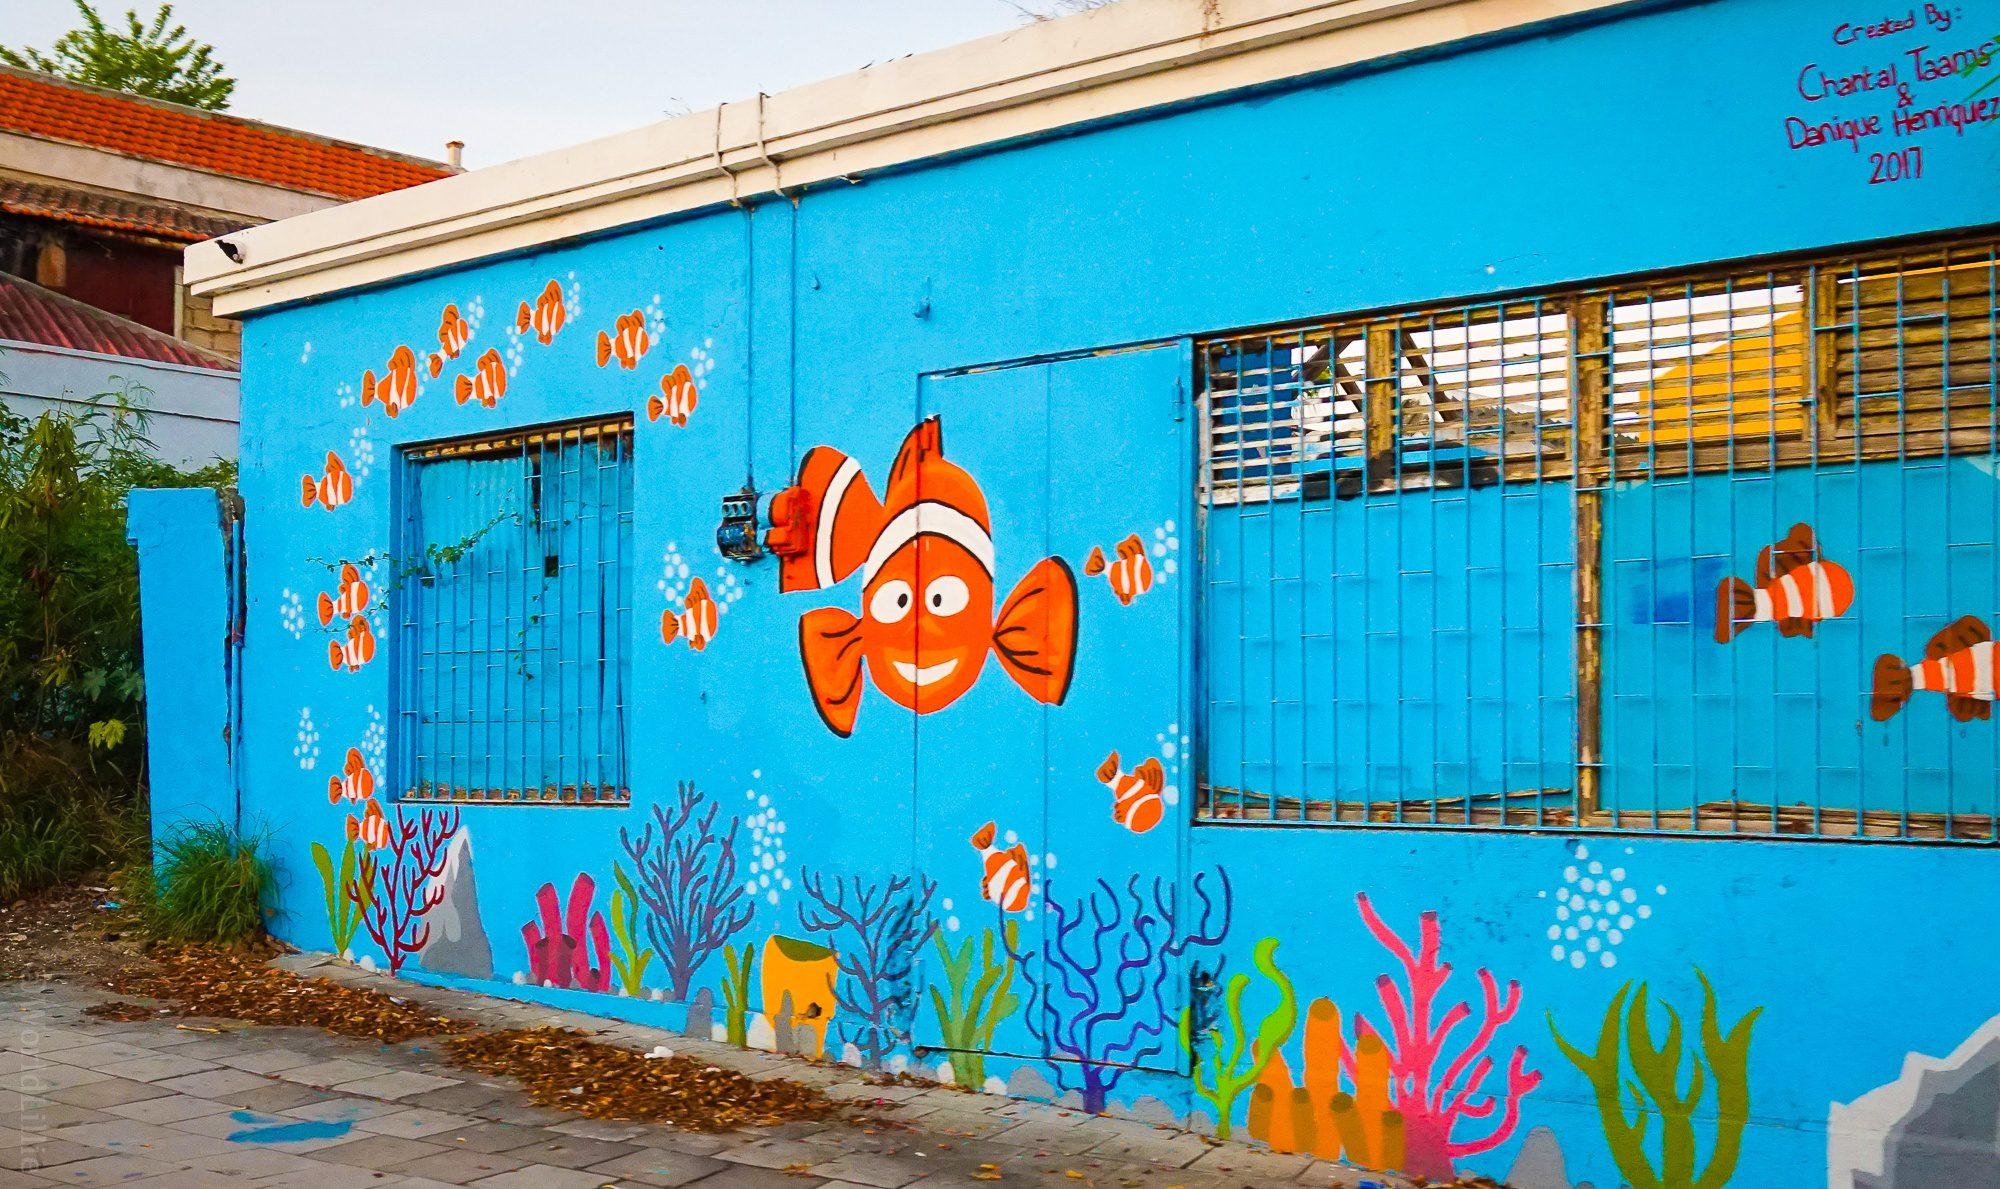 Such a cute fish mural!